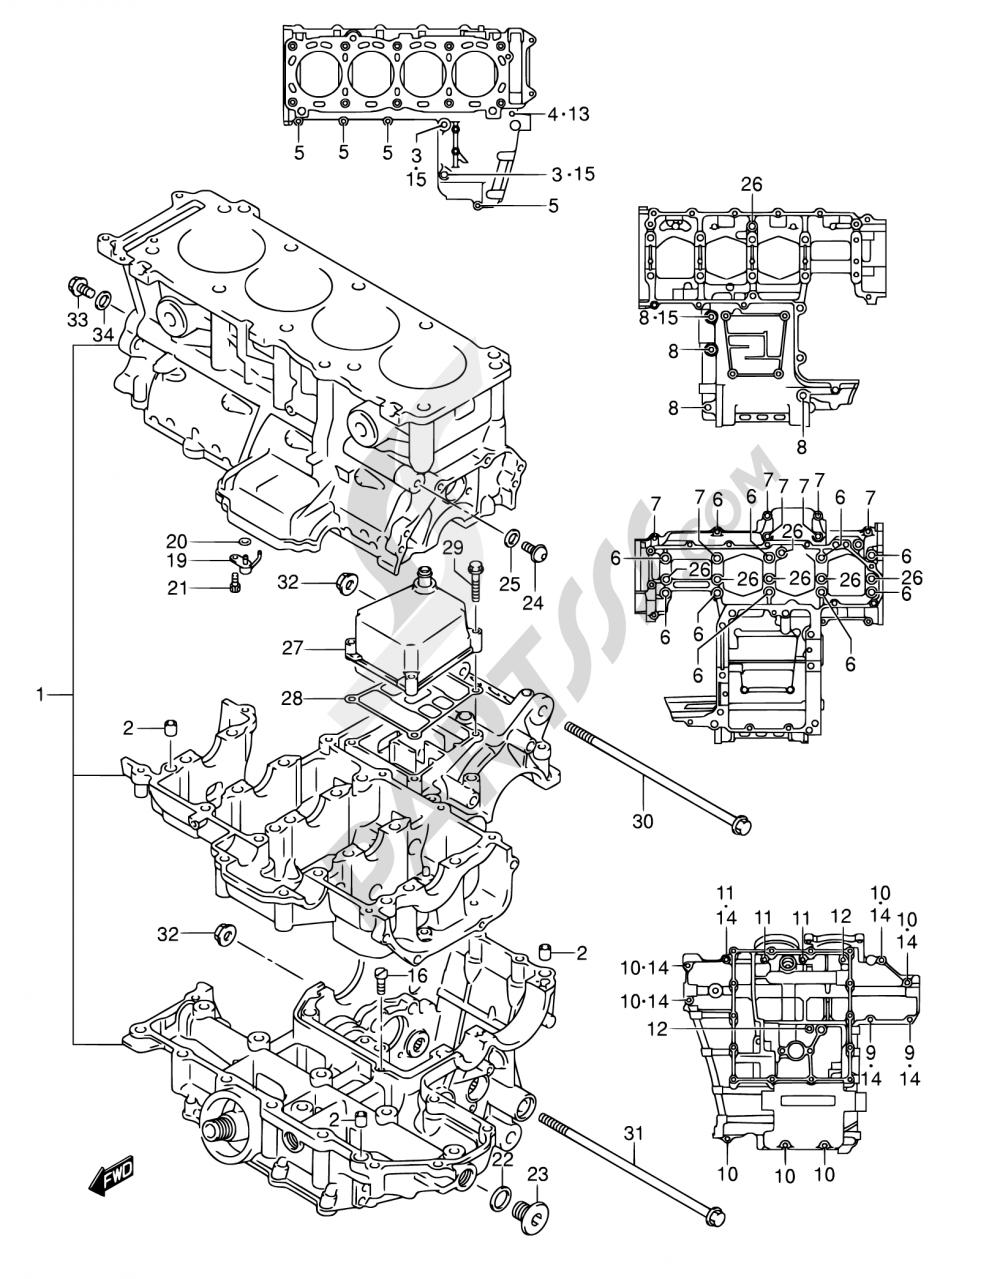 4 - CRANKCASE Suzuki GSX-R1000 2003